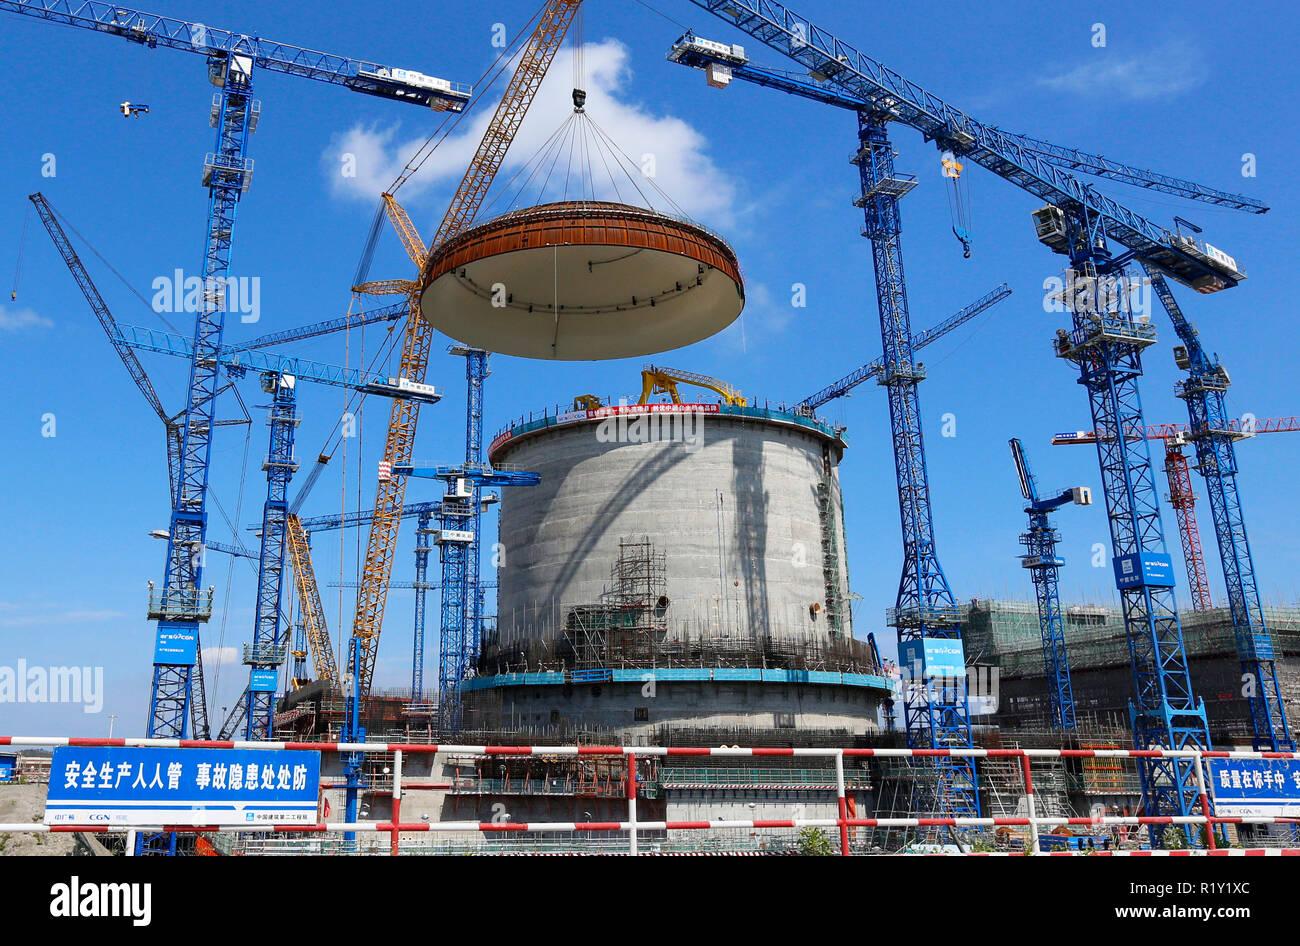 (181115) - Peking, November 15, 2018 (Xinhua) - Foto am 23. Mai, 2018 zeigt die Installation einer halbkugelförmigen Kuppel im Nr. 3 Einheit der Fangchenggang Kernkraftwerk in der South China Guangxi Zhuang autonomen Region. Nach Angaben des Nationalen Amtes für Statistik, Chinas Stromerzeugung stieg um 7,2 Prozent im Vergleich zum Vorjahr in den ersten zehn Monaten 2018. Allein im Oktober, China 533 Milliarden Kilowattstunden (kWh) Strom, um 4,8 Prozent über Vorjahr, schneller als der 4,6 Prozent Wachstum im September. Die durchschnittliche tägliche Power Generation erreicht 17,2 Mrd. kWh, die Bekanten fr Stockbild